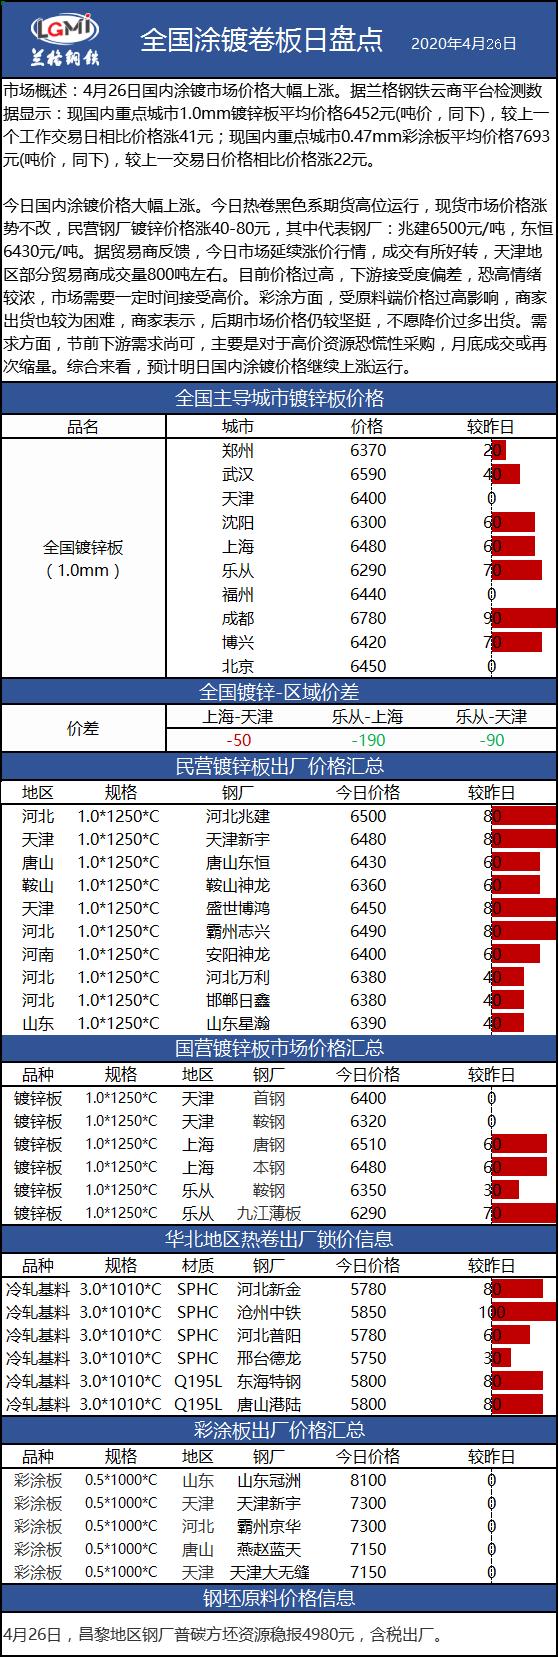 兰格涂镀板卷日盘点(4.26):涂镀市场价格大幅拉涨 部分区域成交尚可